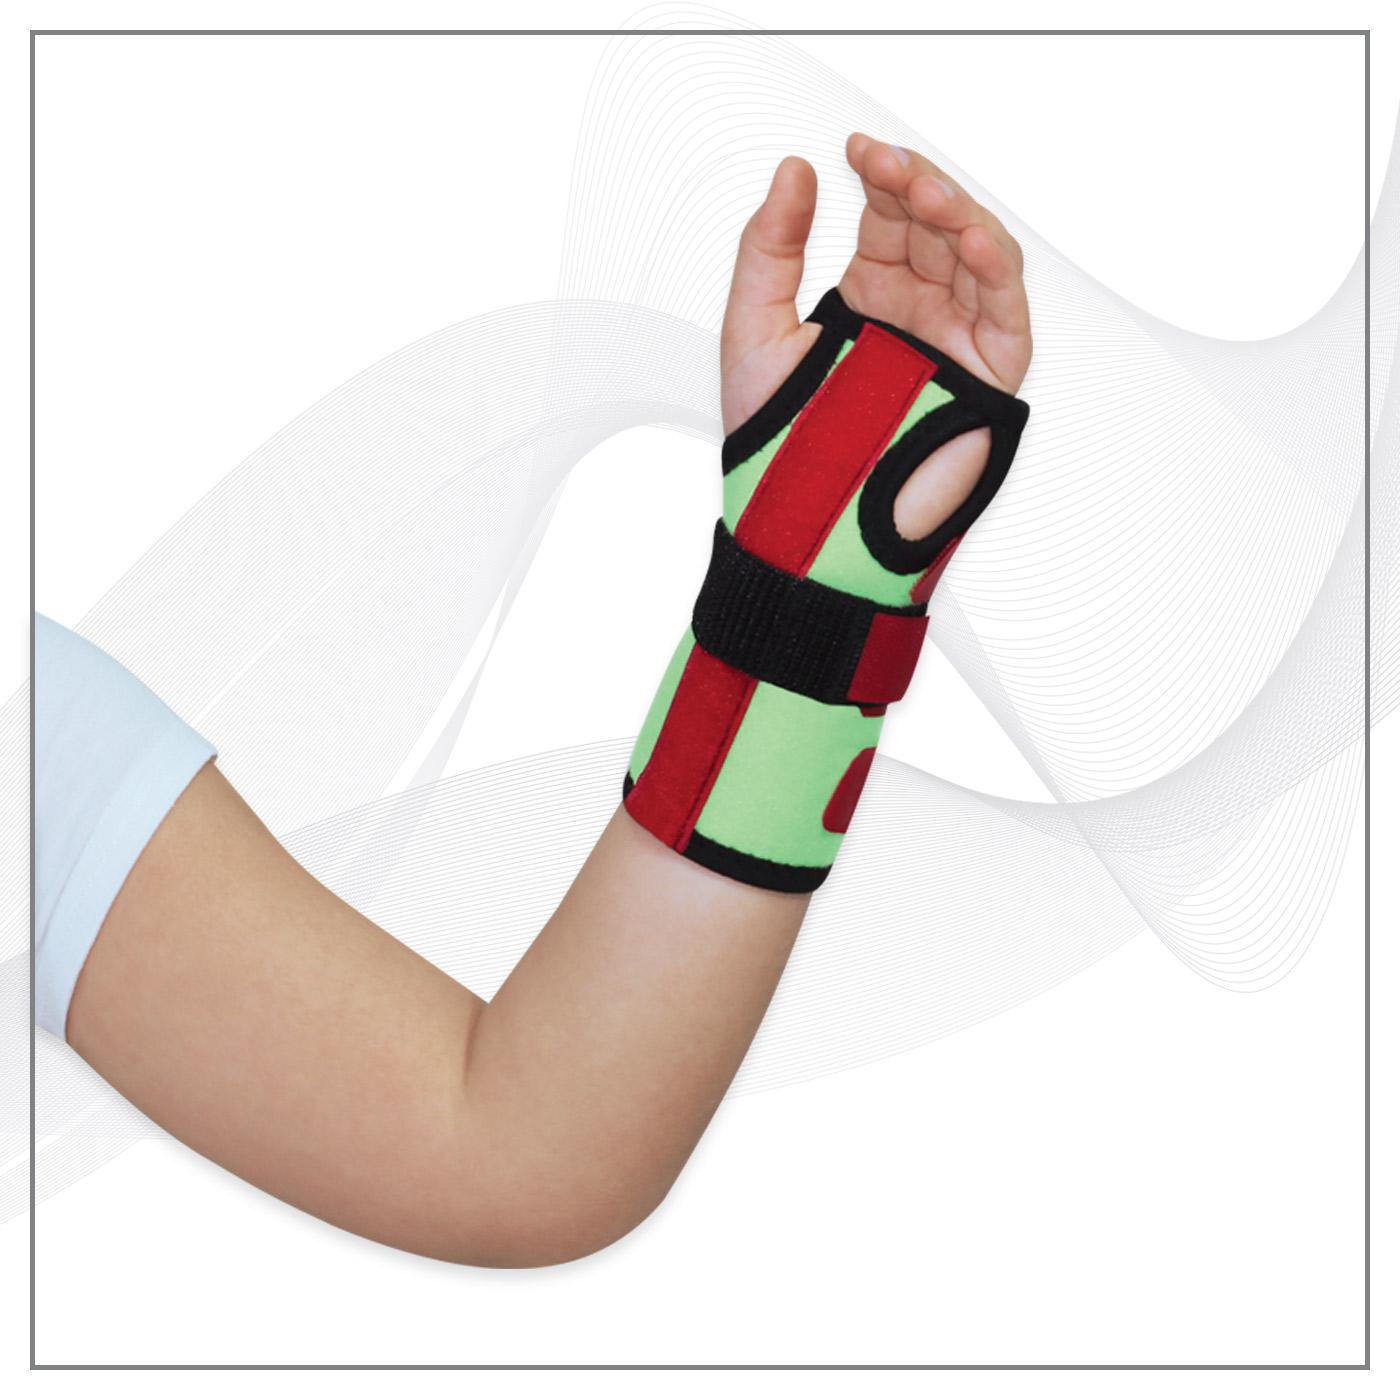 Abc Tıp Sağlık Ortopedik Çocuk Ürünleri JB  2302